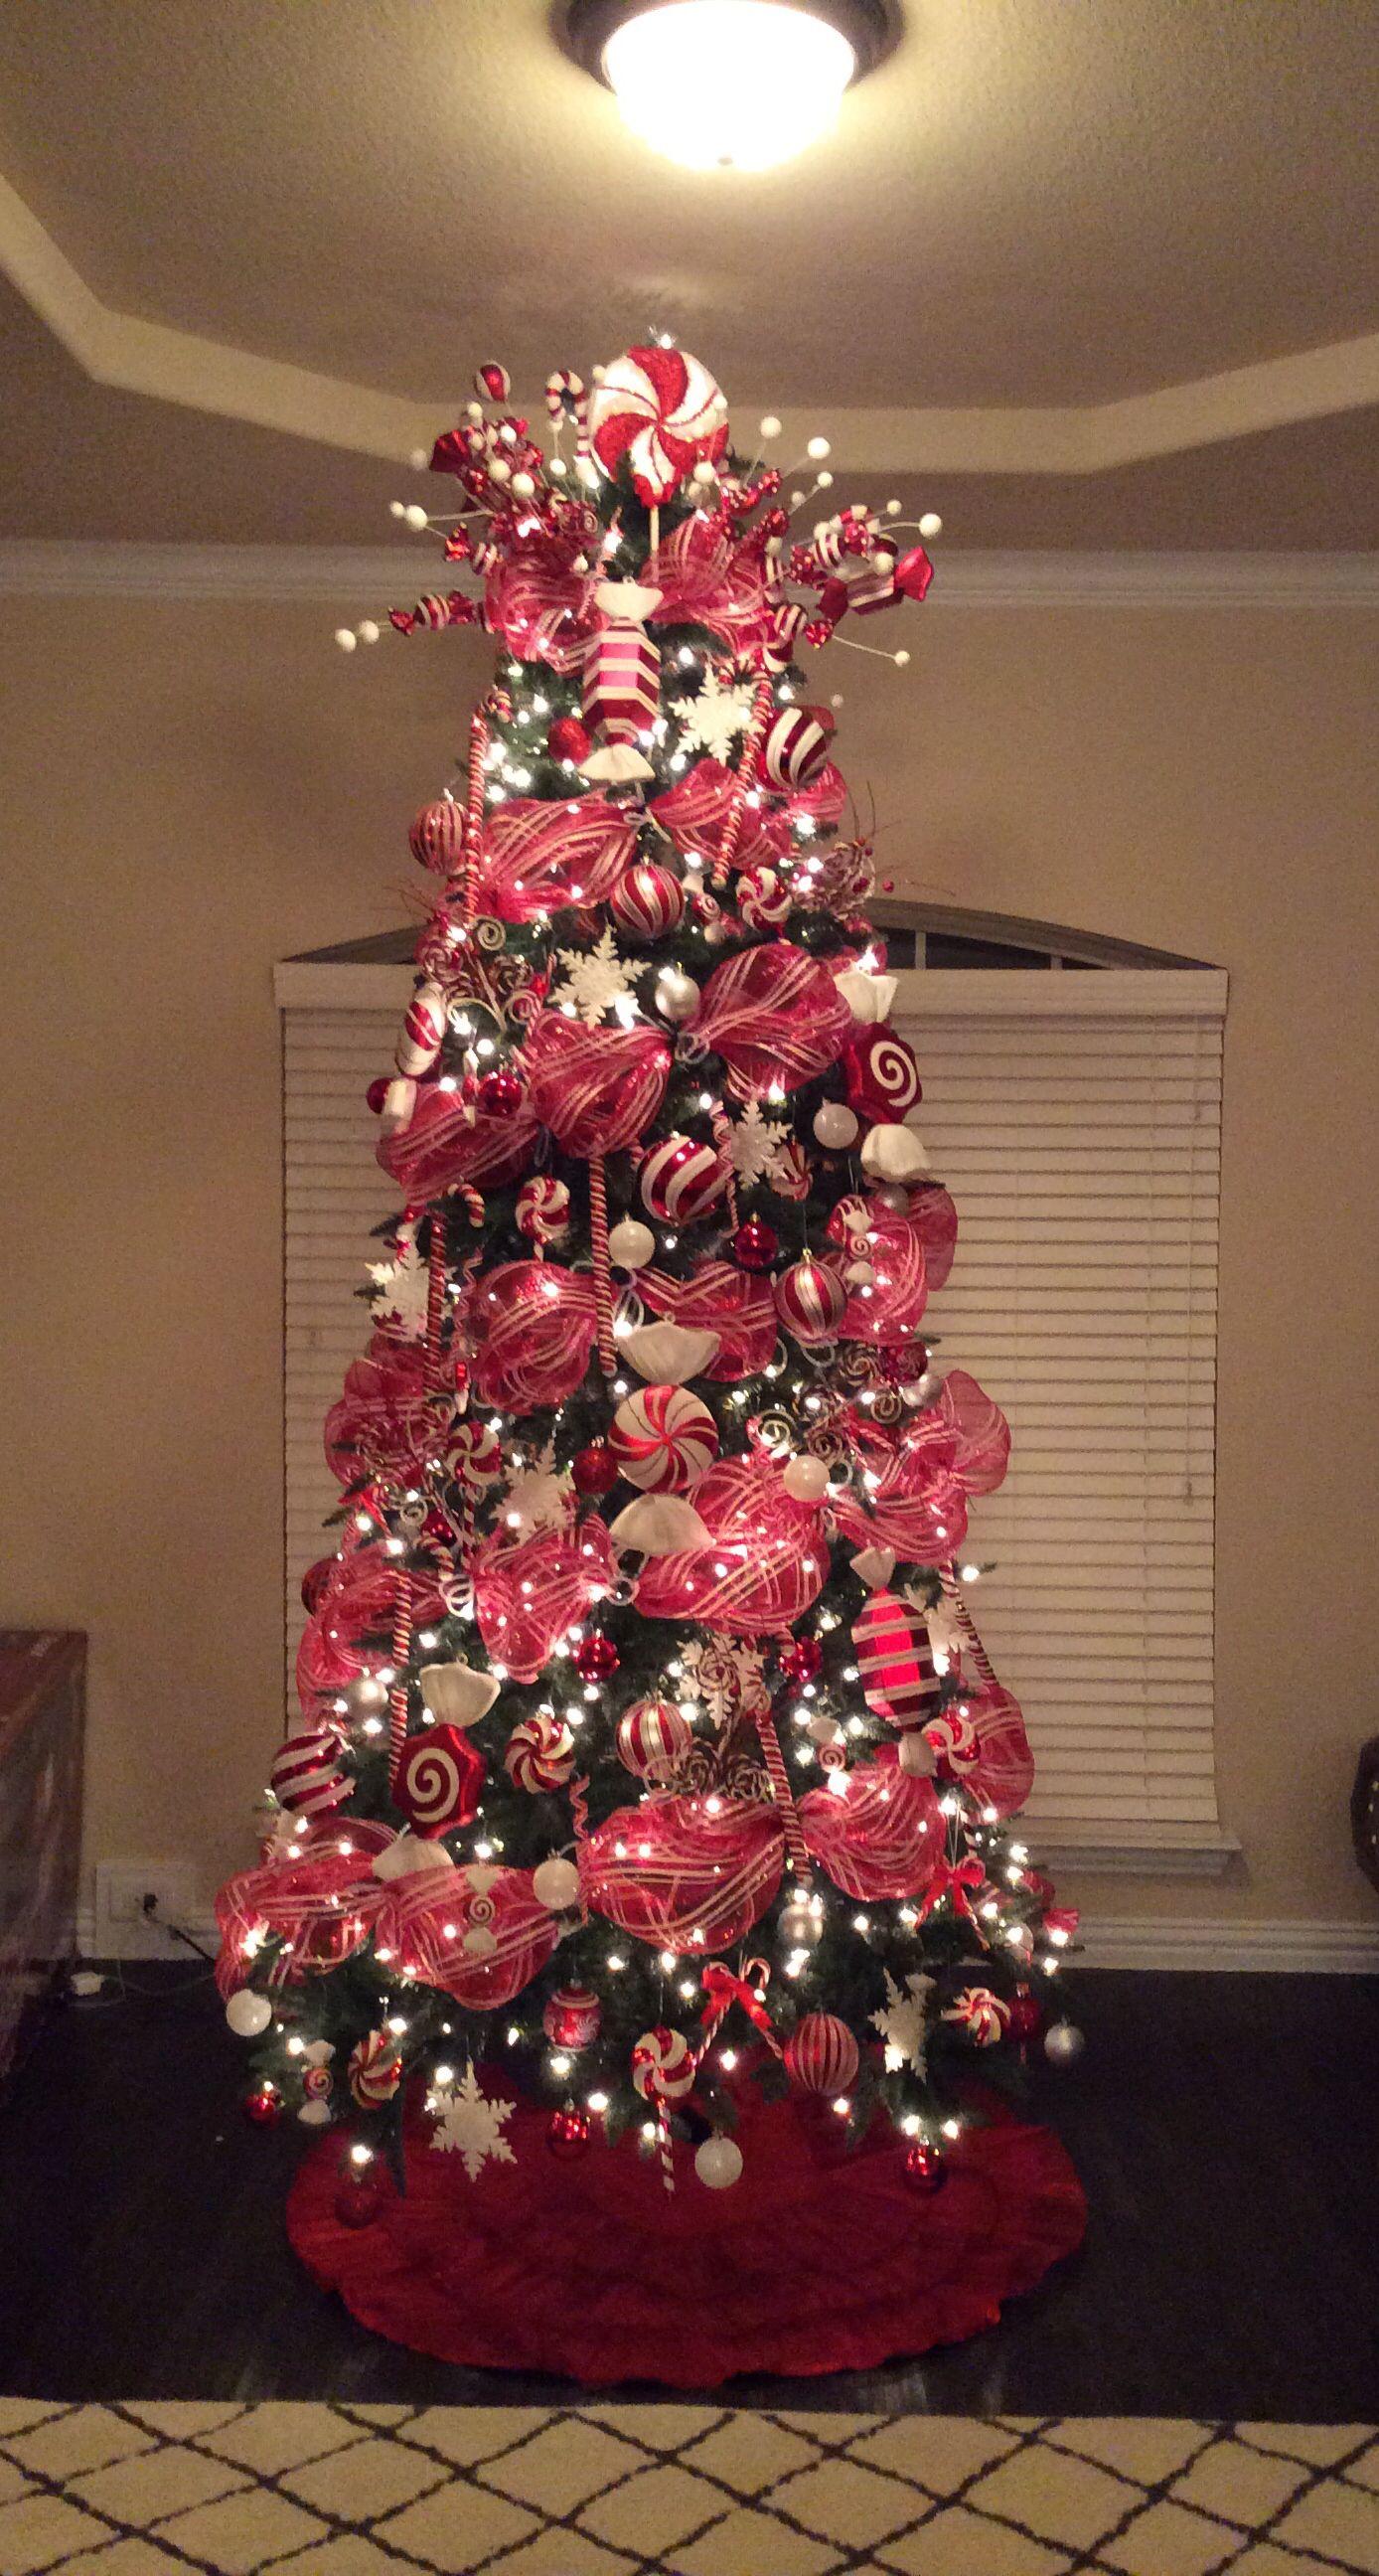 Christmas tree, Christmas, red and white Christmas tree